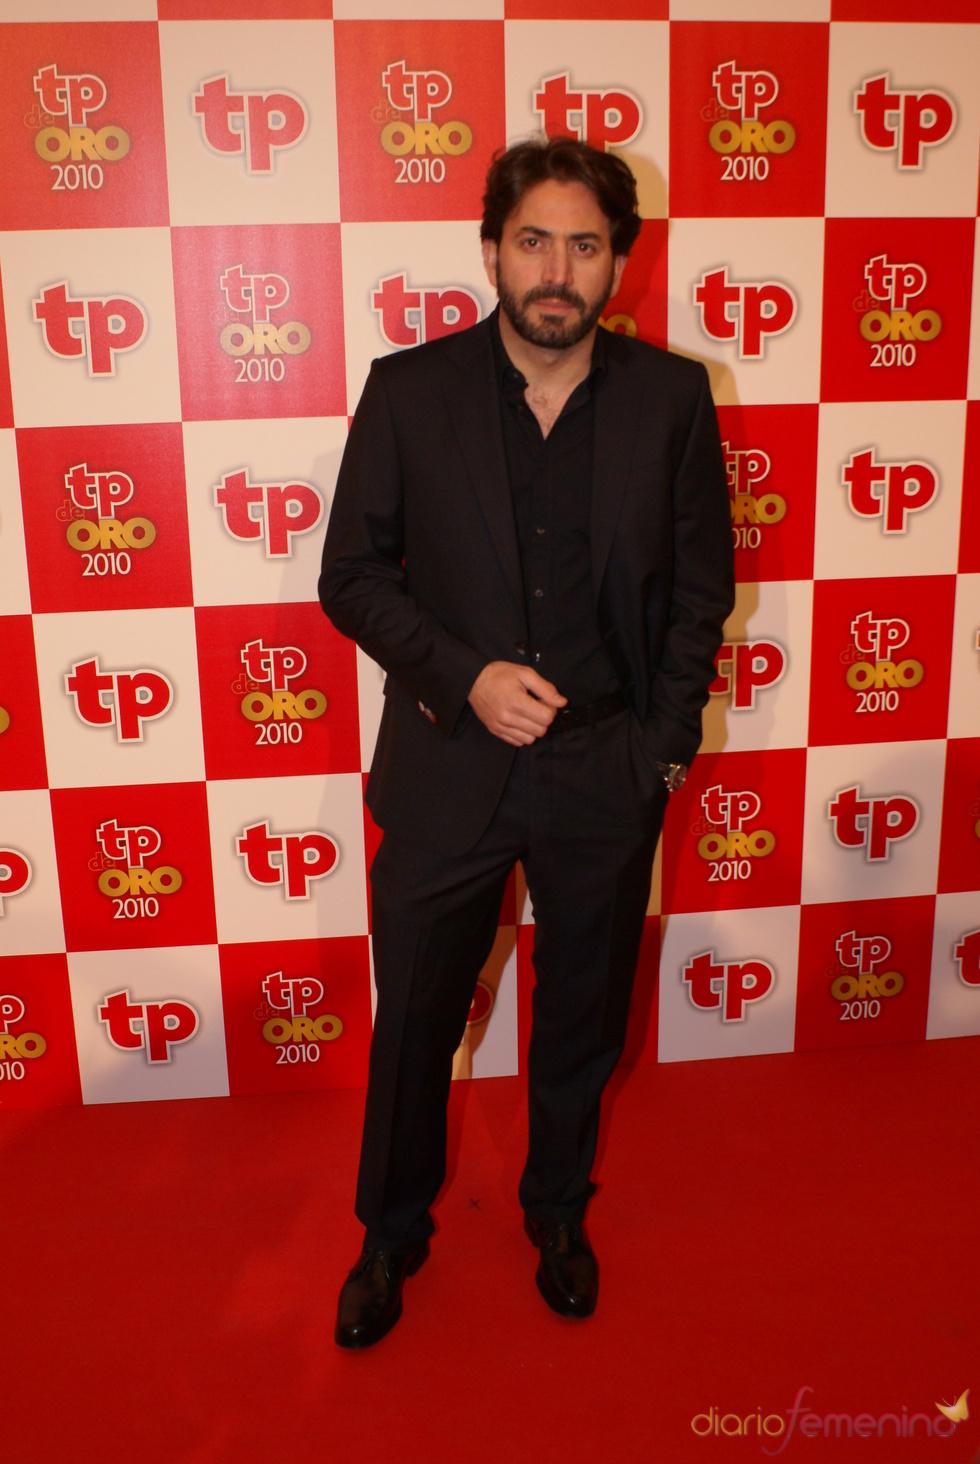 Antonio Garrido, de 'Los Protegidos', en los TP de Oro 2010